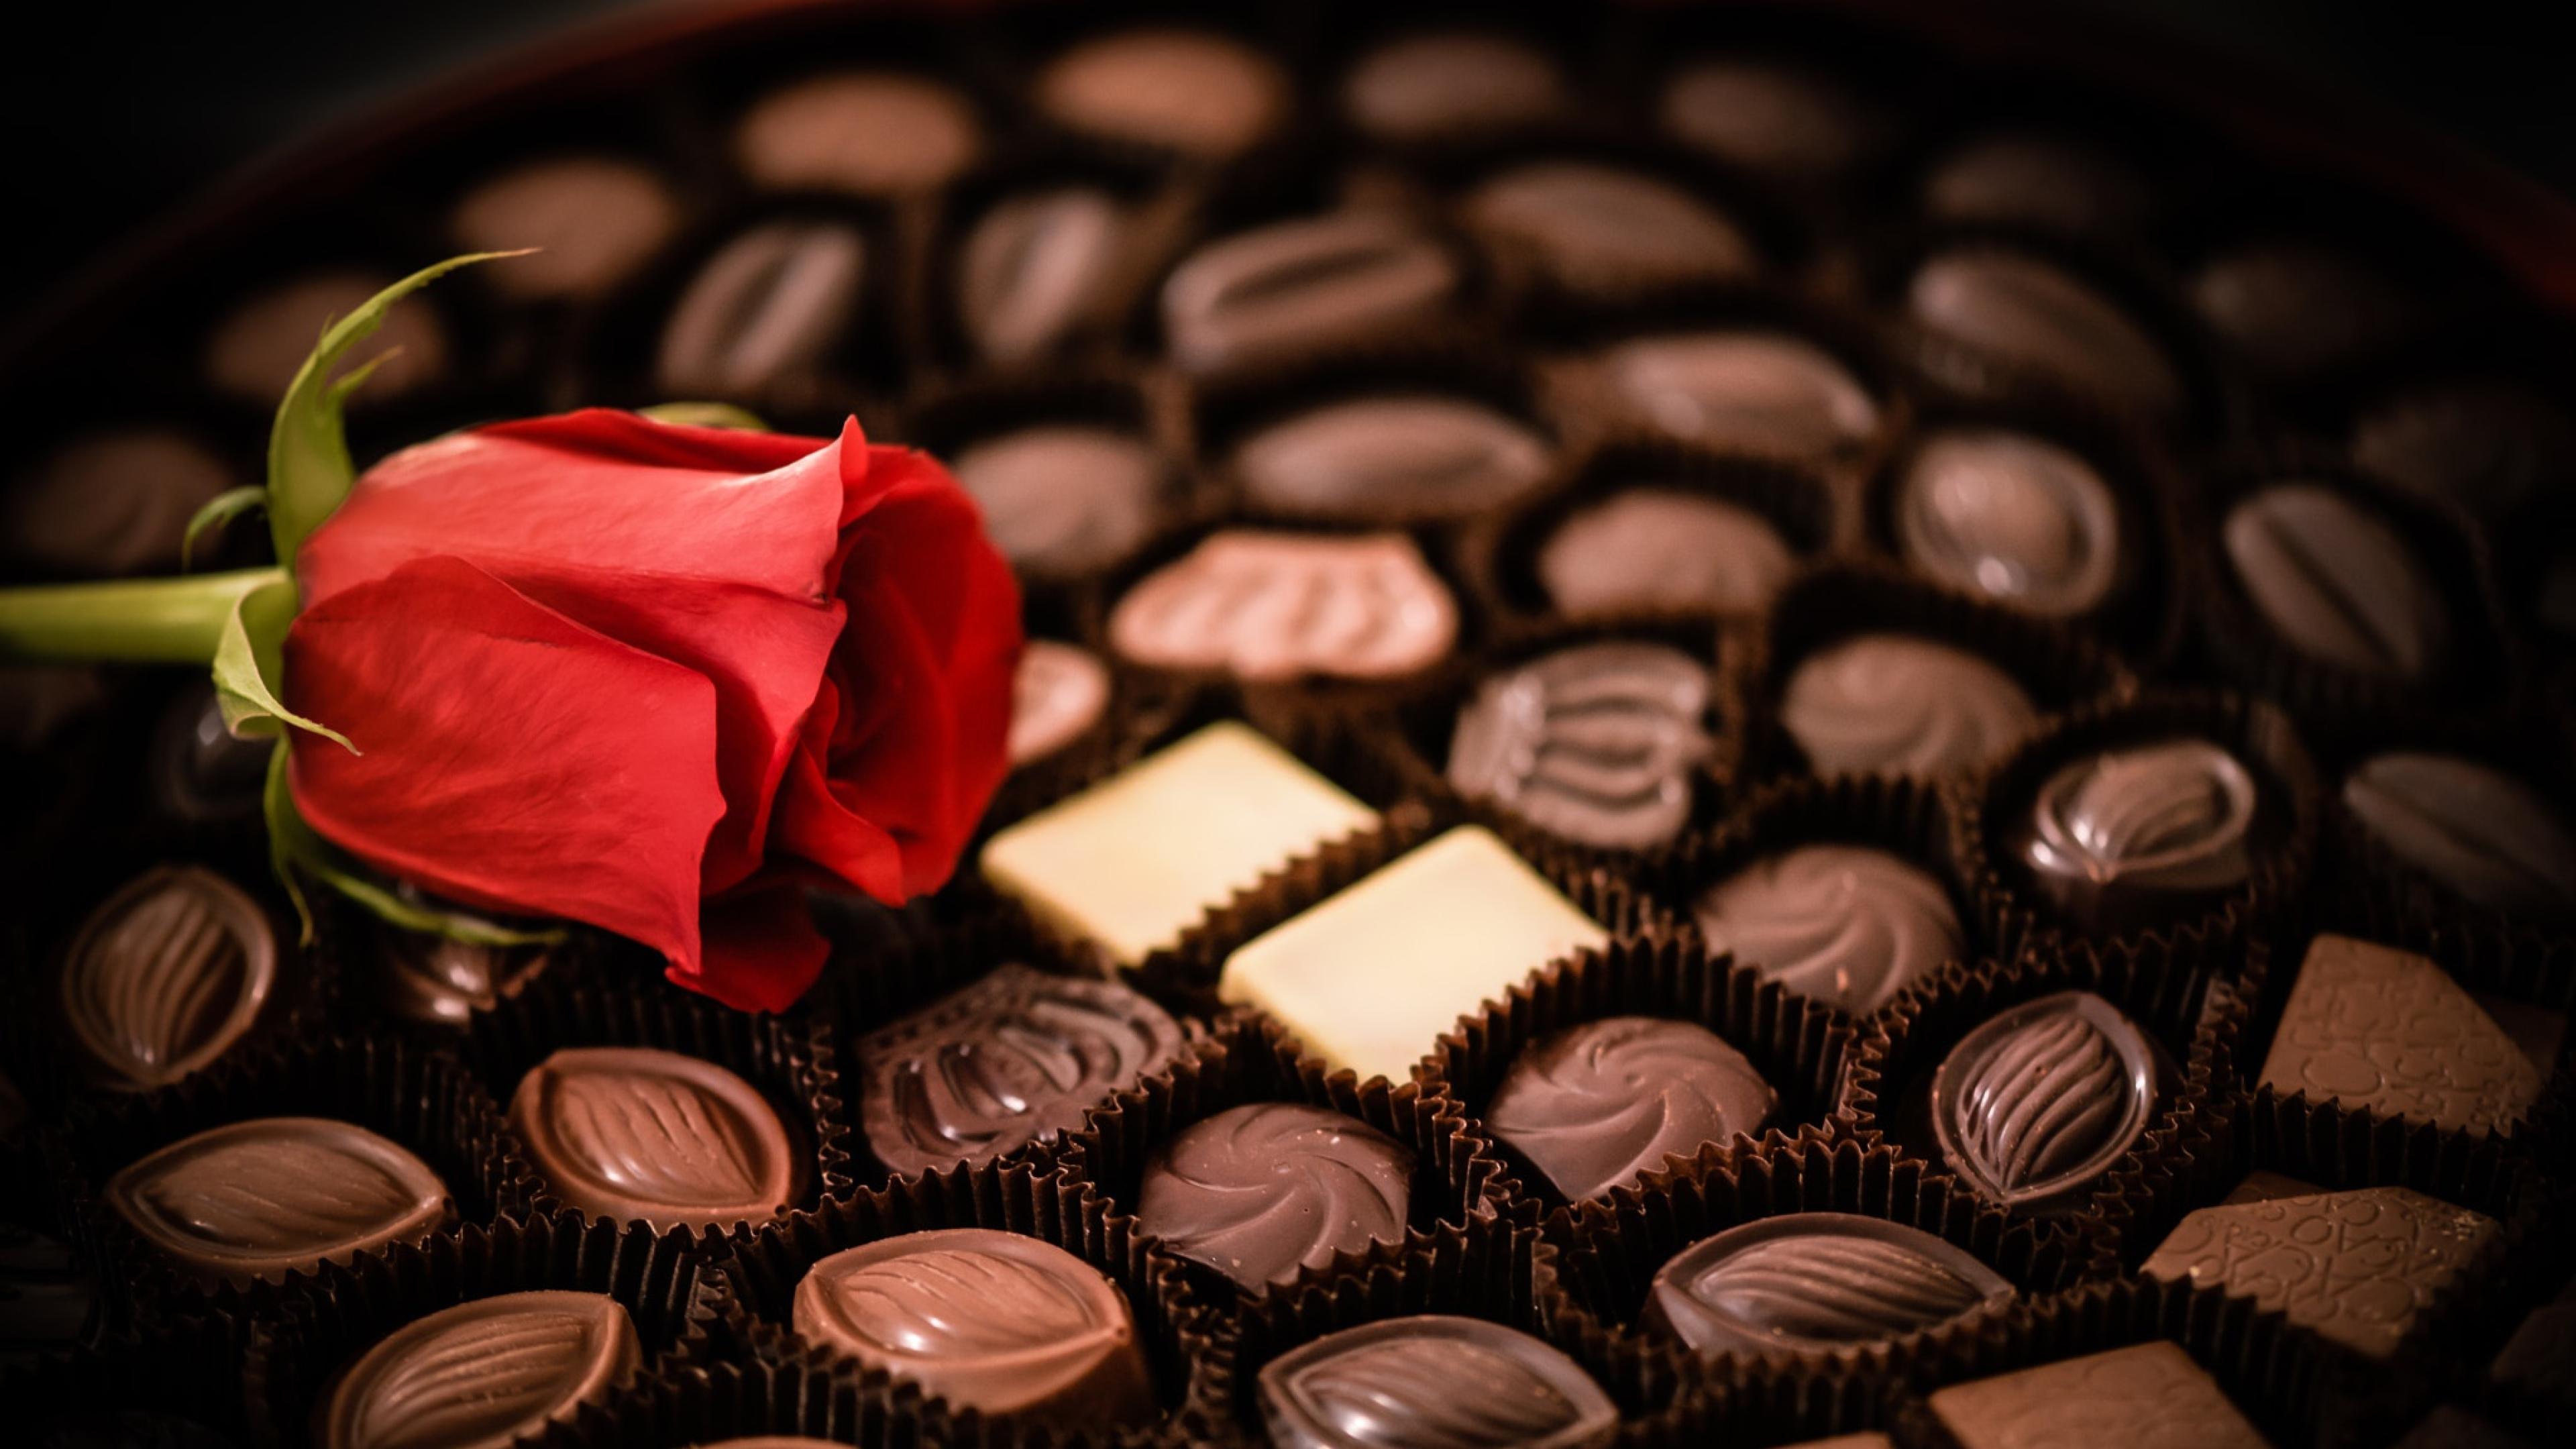 с днем рождения картинки шоколад аксессуары